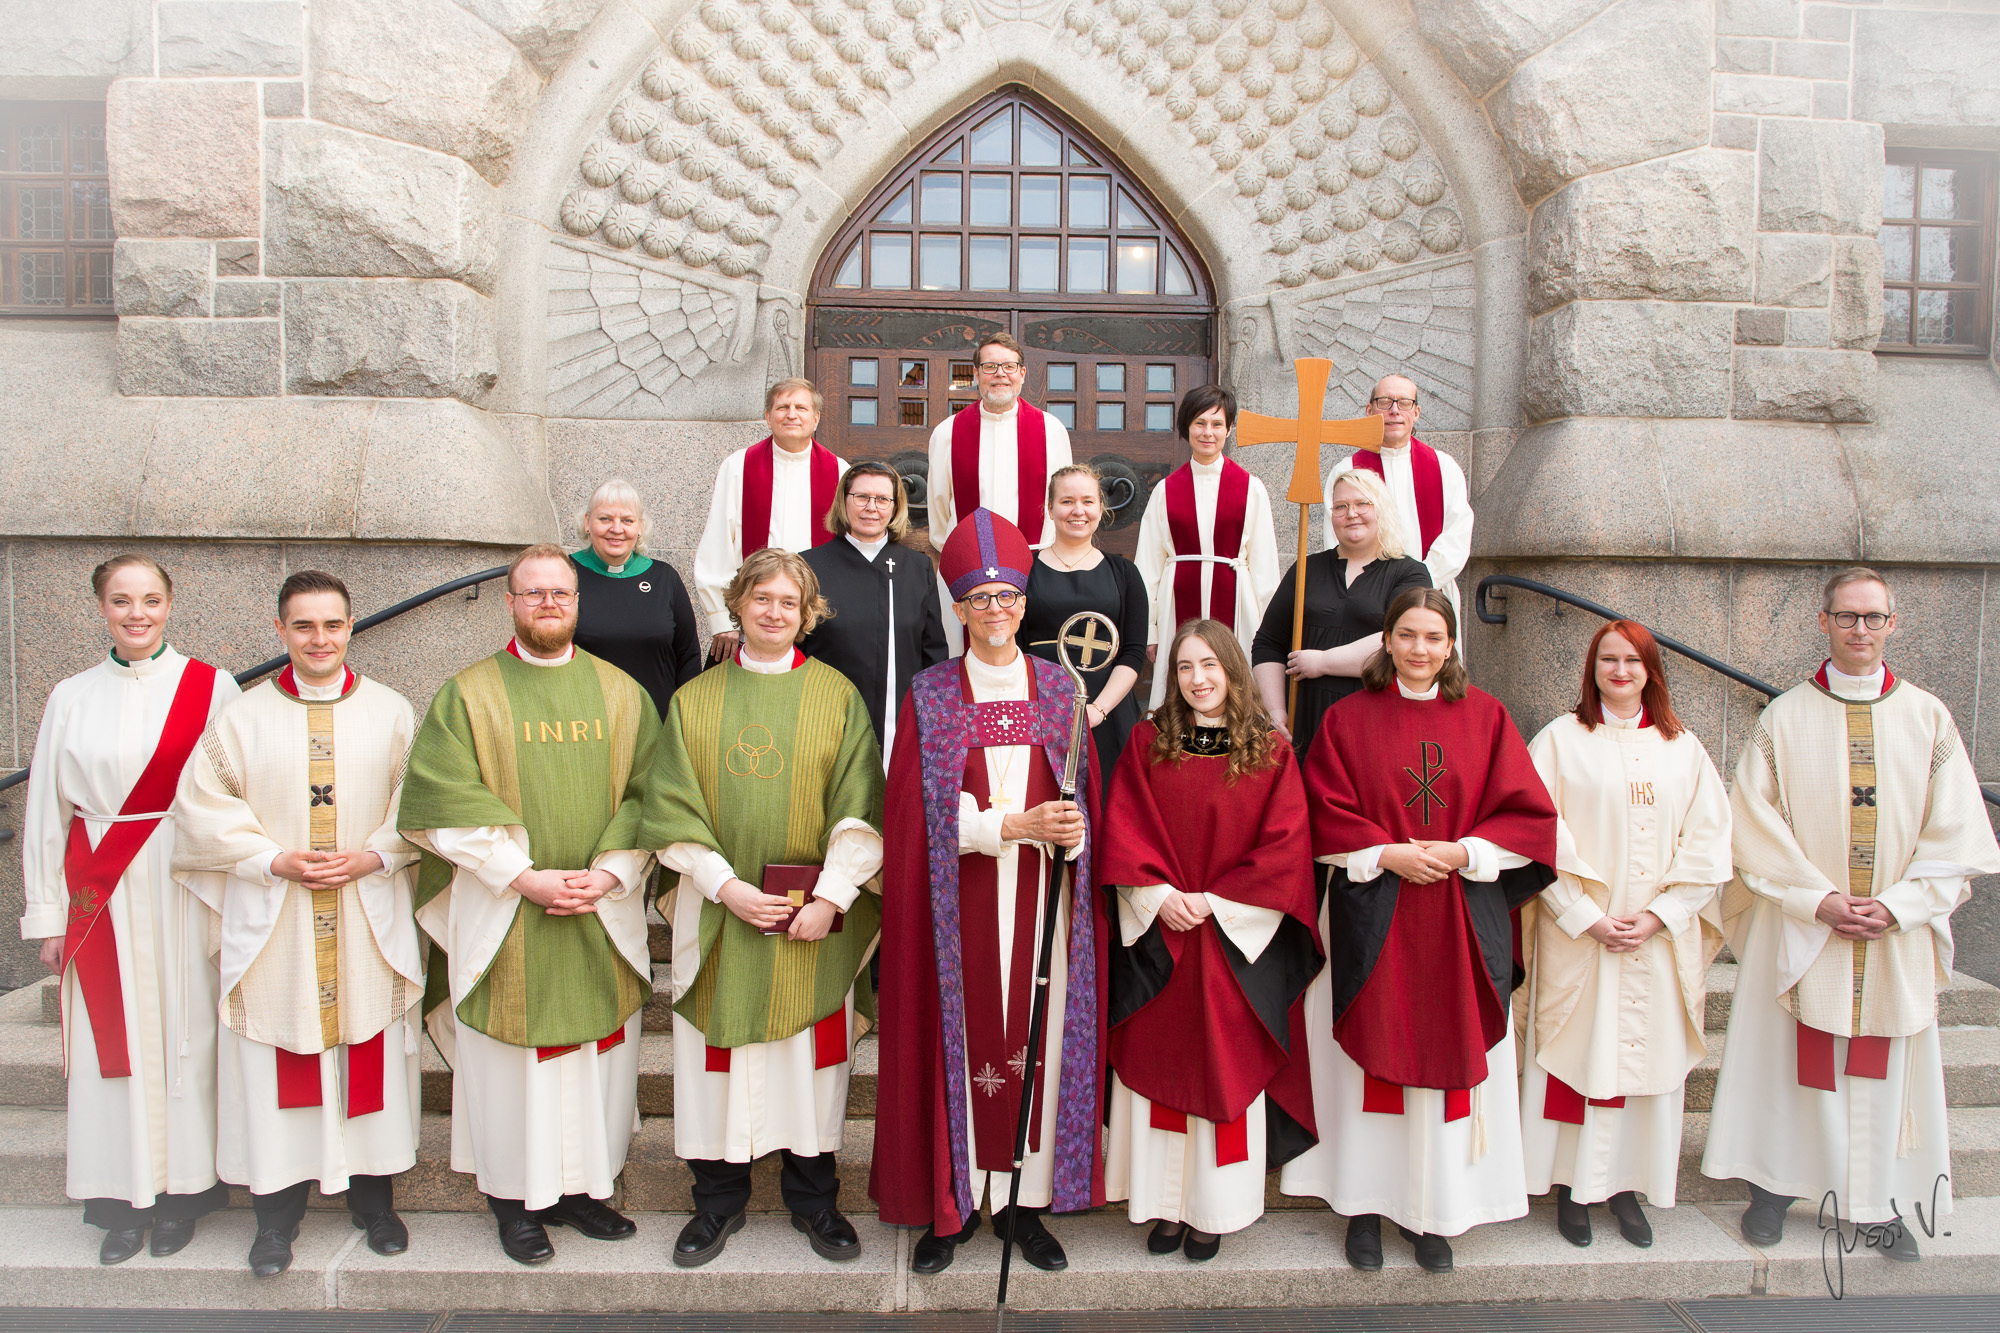 Tampereen tuomiokirkon portailla seisovat ryhmäkuvassa virkaan vihitys , heidän ohjaajansa, seurakuntien edustajata ja piispa.